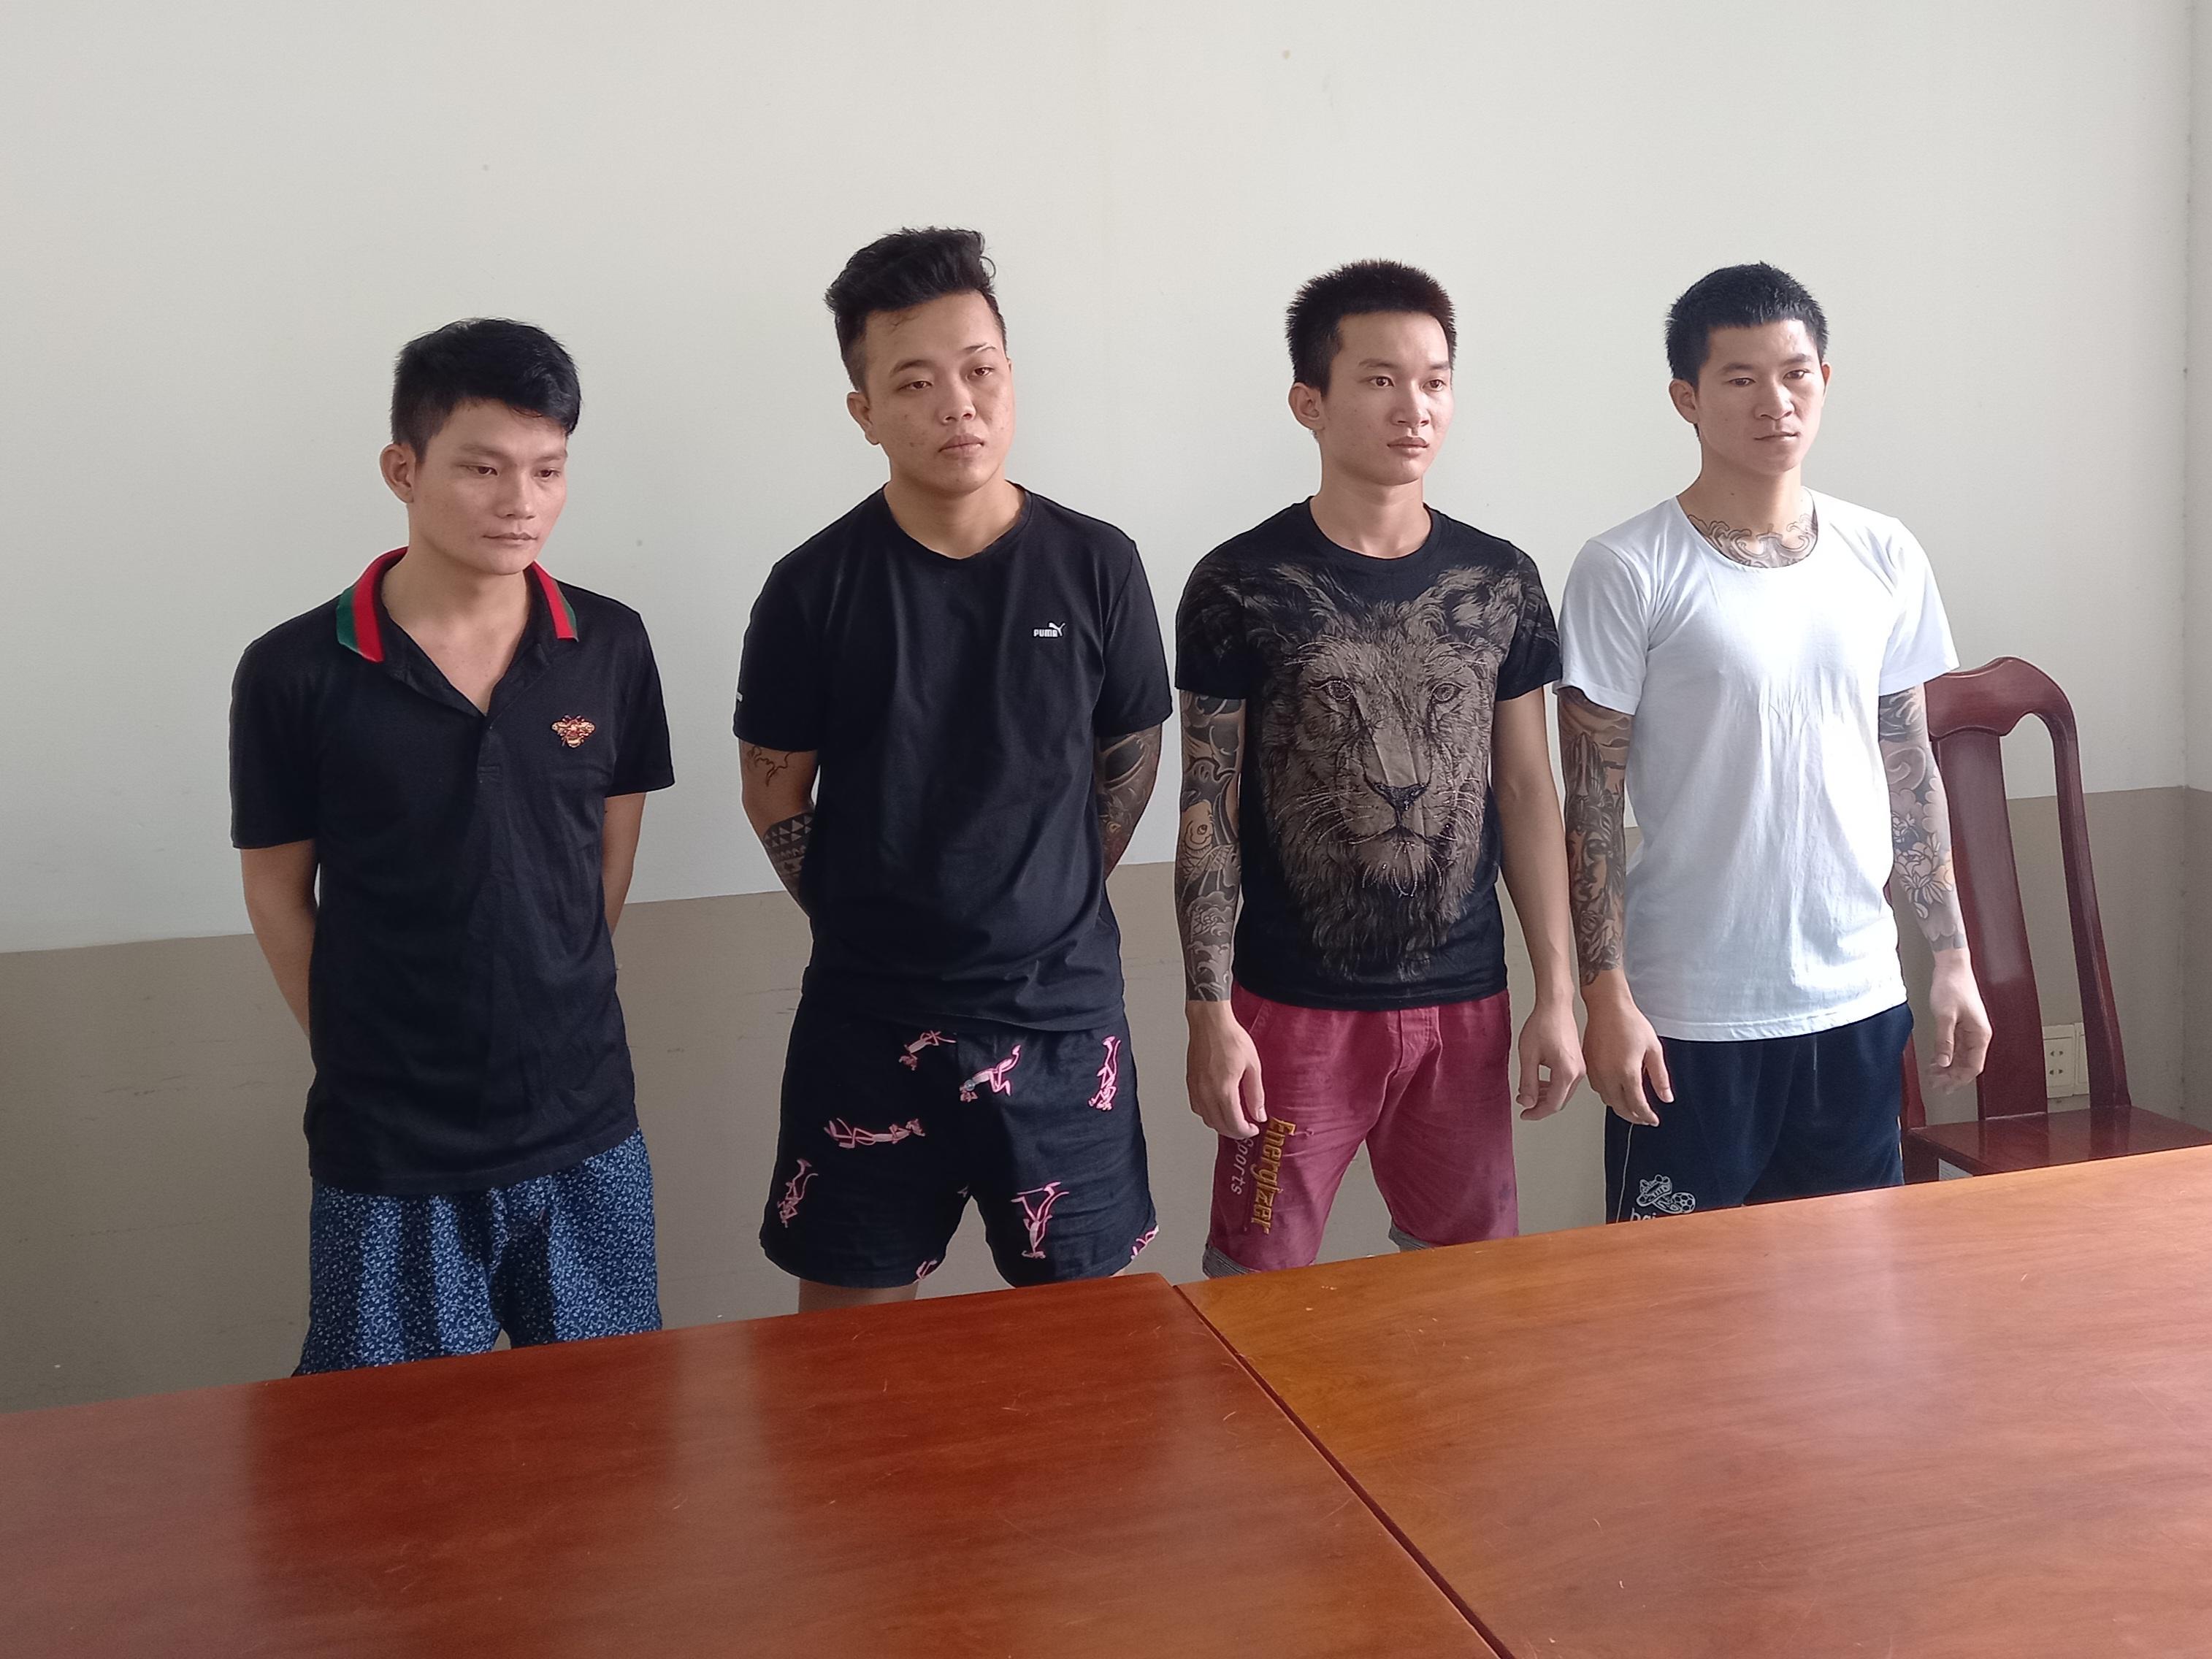 Bắt chẹt tiểu thương chợ Long Hải, nhóm 9X xăm trổ lộng hành thu tiền bảo kê - Ảnh 1